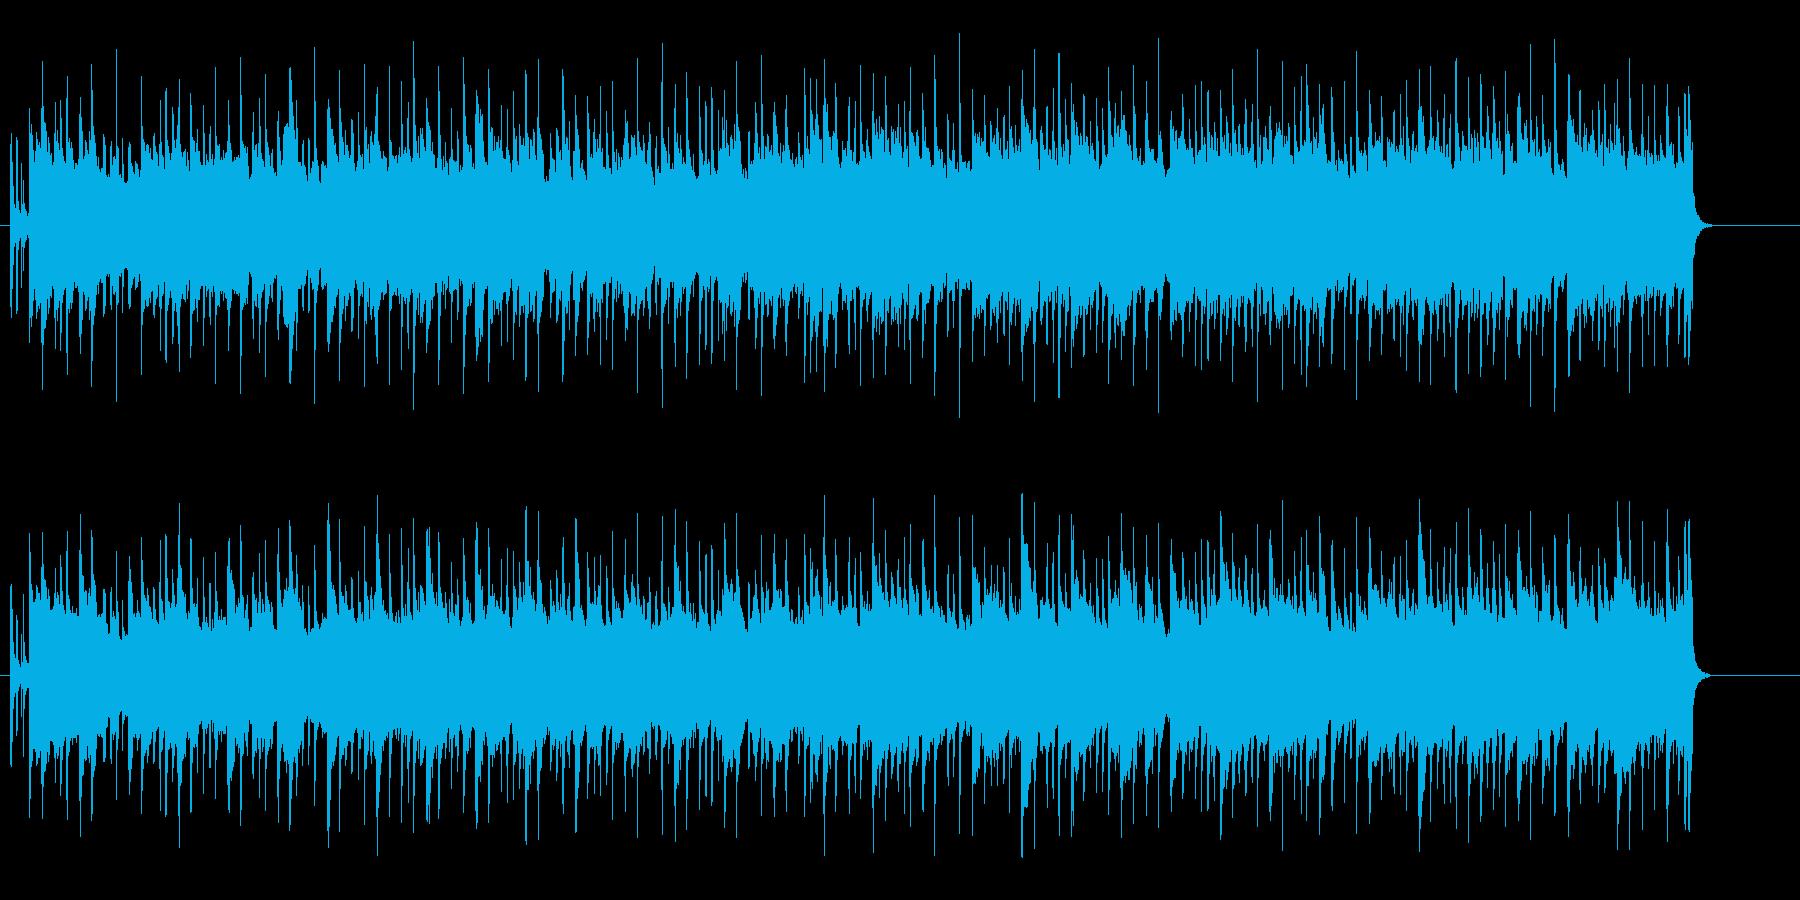 ヒューマンなロッカ・バラードの再生済みの波形